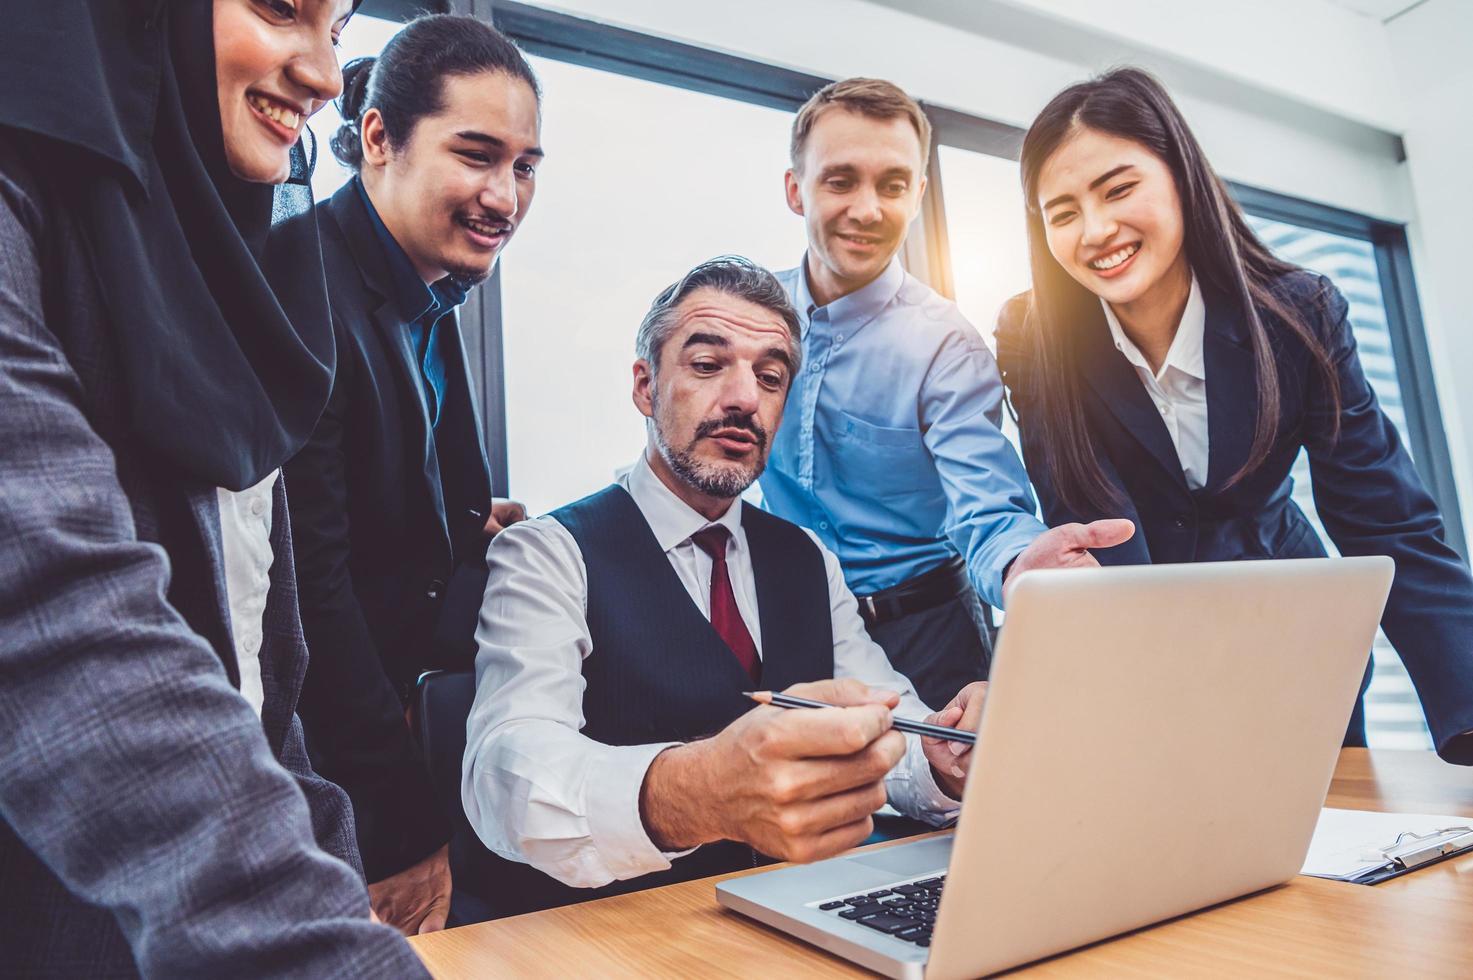 groep van mensen uit het bedrijfsleven die op laptop werkt foto